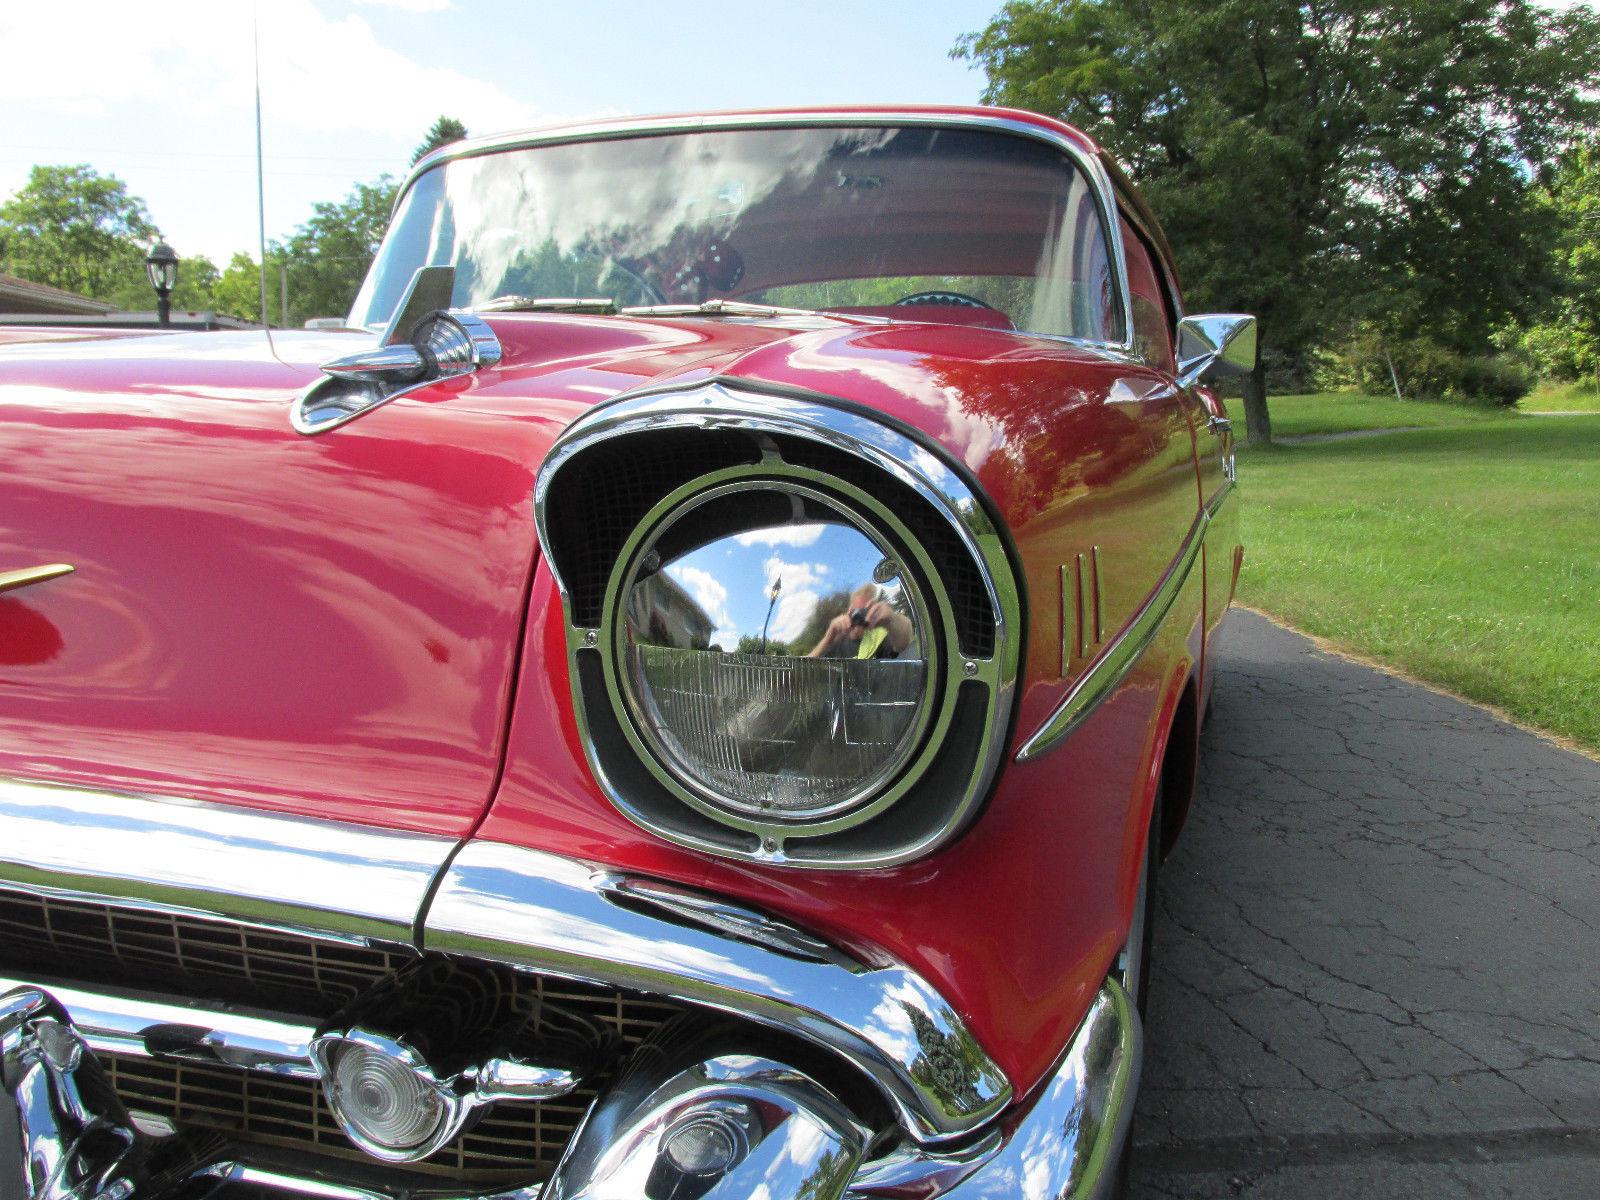 1957 chevy bel air 2 door hardtop for sale photos for 1957 chevy bel air 4 door hardtop for sale